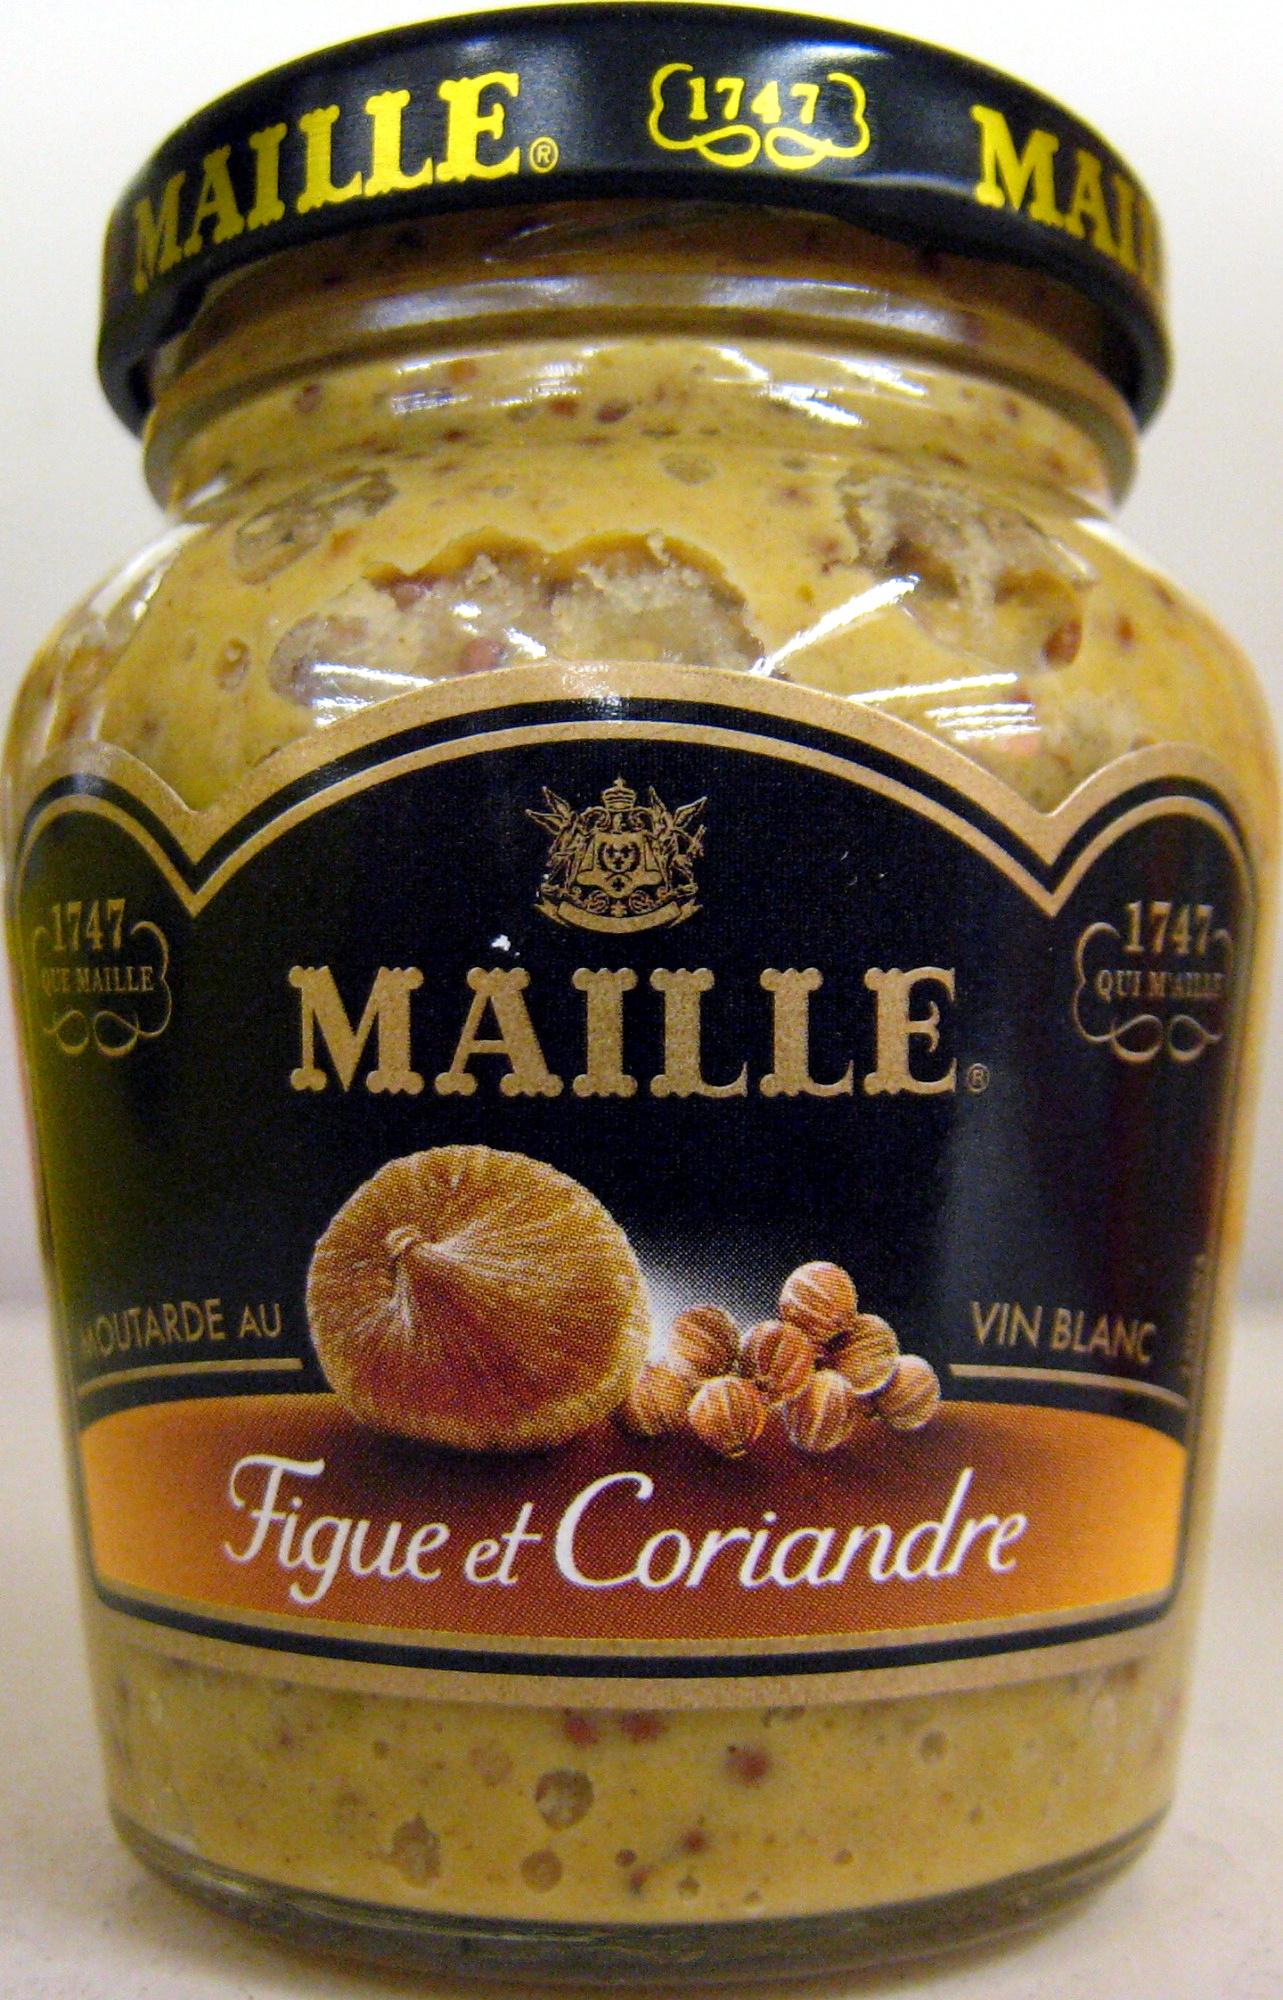 moutarde au vin blanc la figue et la coriandre maille 110 g. Black Bedroom Furniture Sets. Home Design Ideas